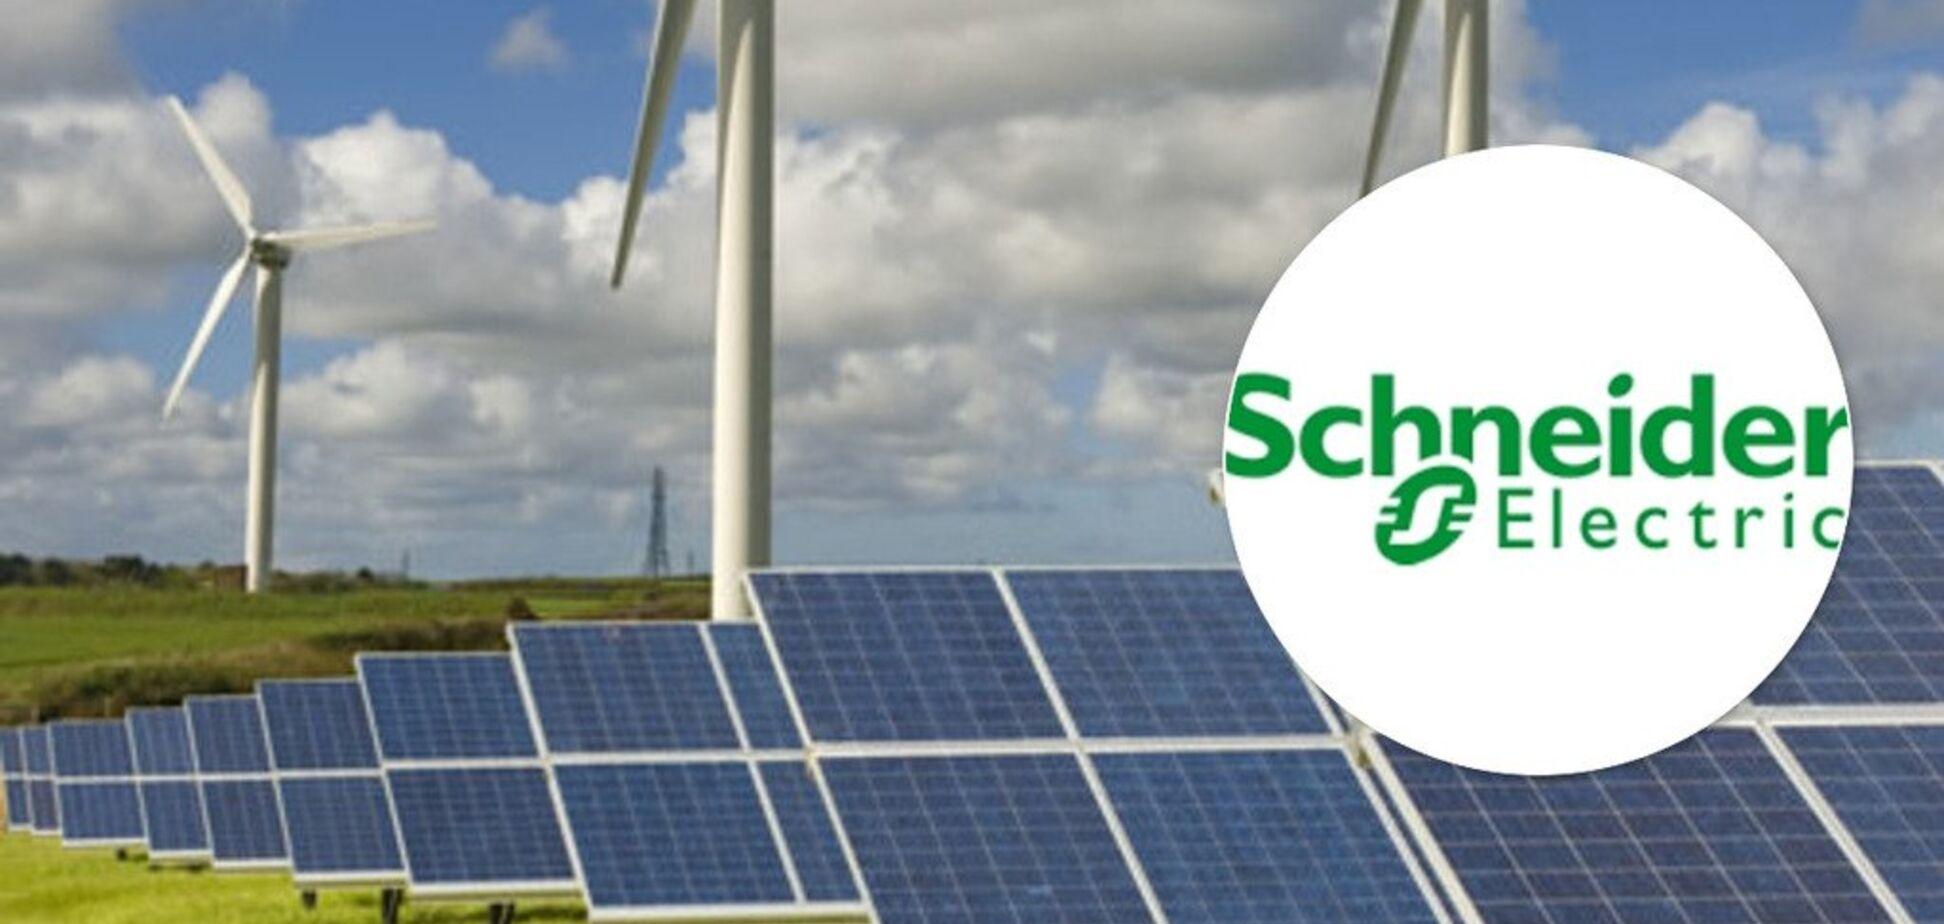 Schneider Electric розробила план дій для створення безвуглецевого світу